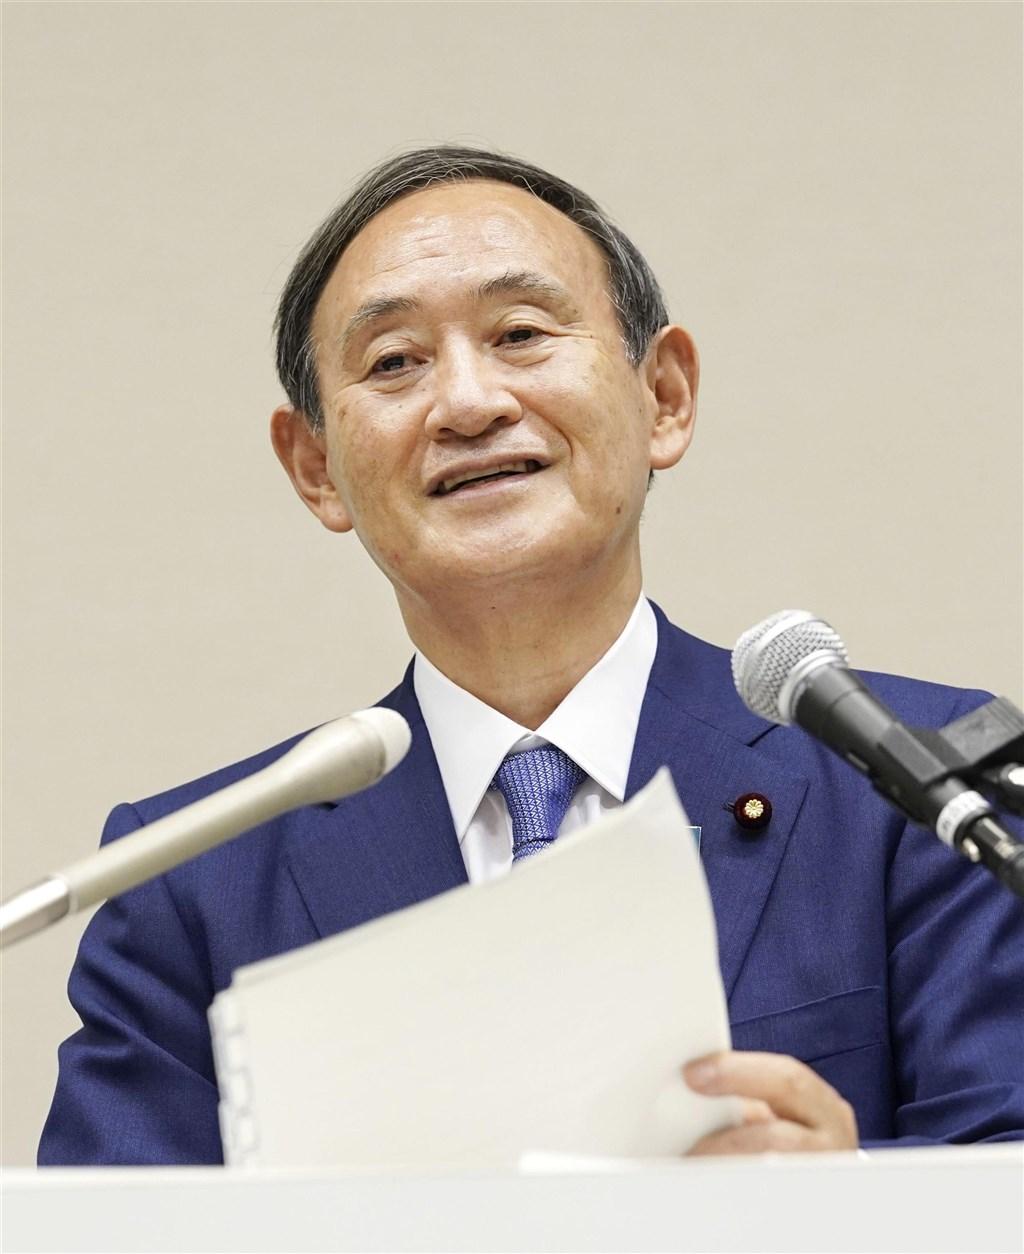 日本內閣官房長官菅義偉14日在執政黨自由民主黨總裁選舉中勝出,將出任首相。(共同社)